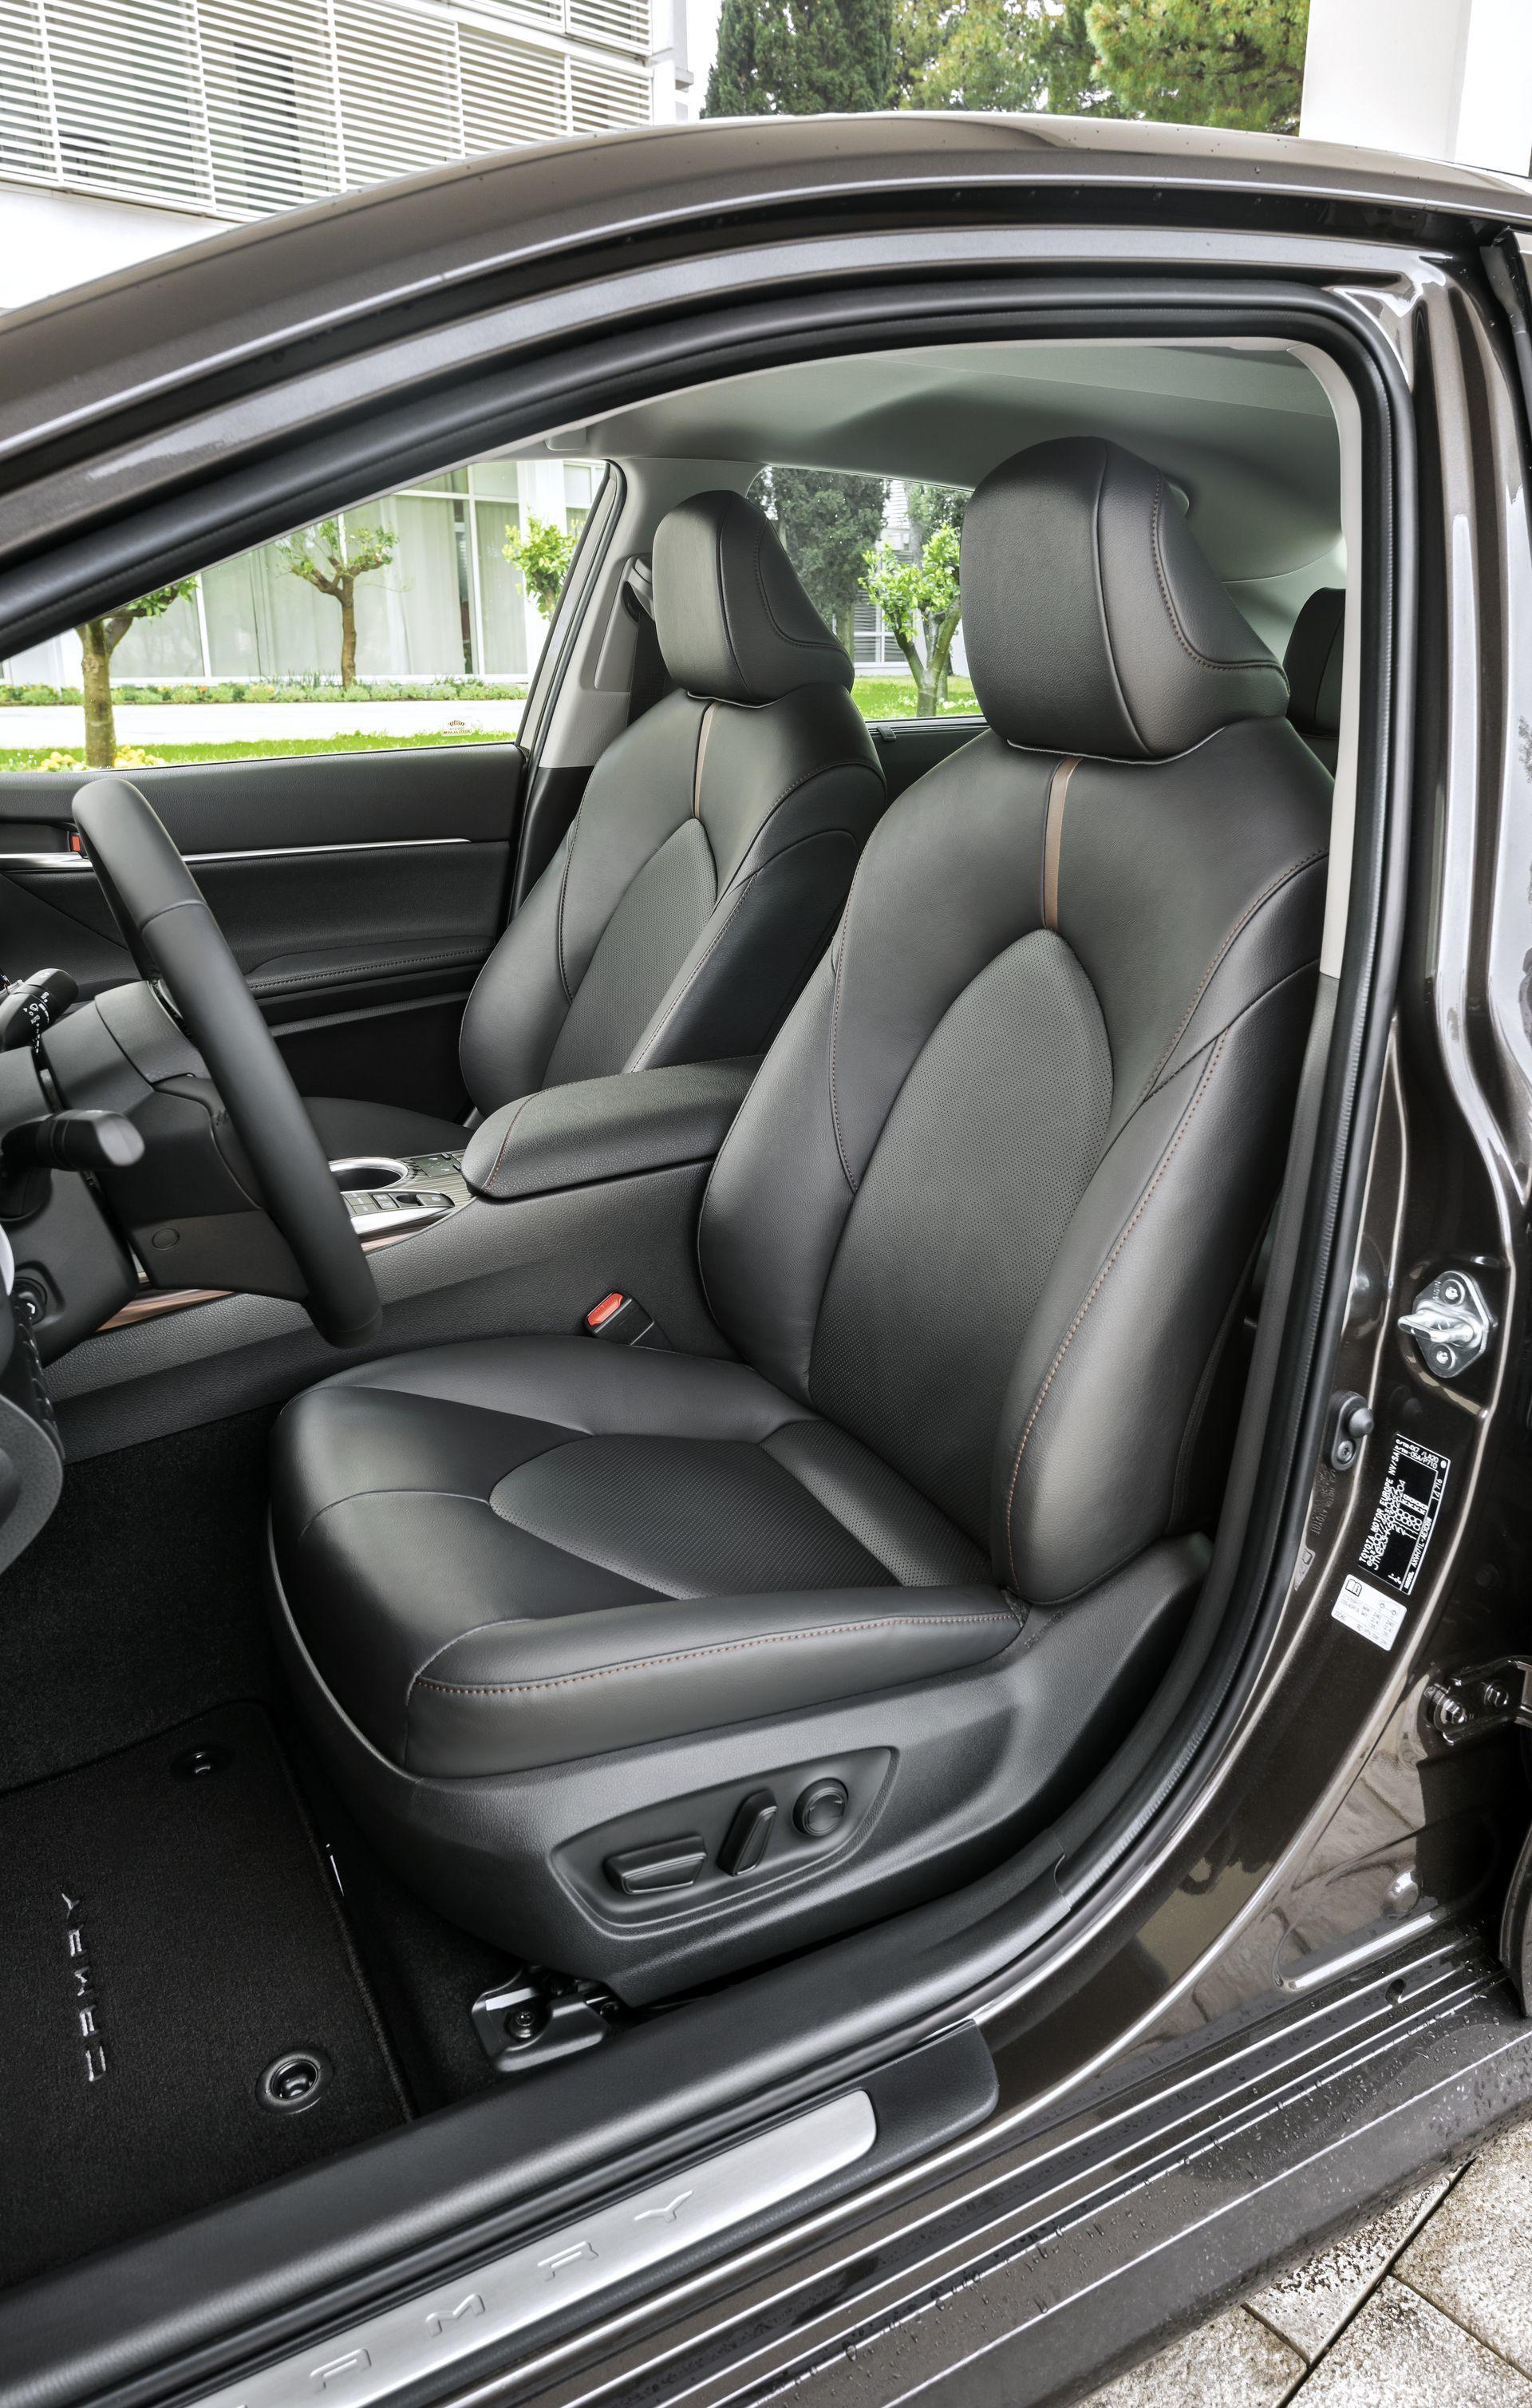 Toyota Camry Hybrid 2019 22